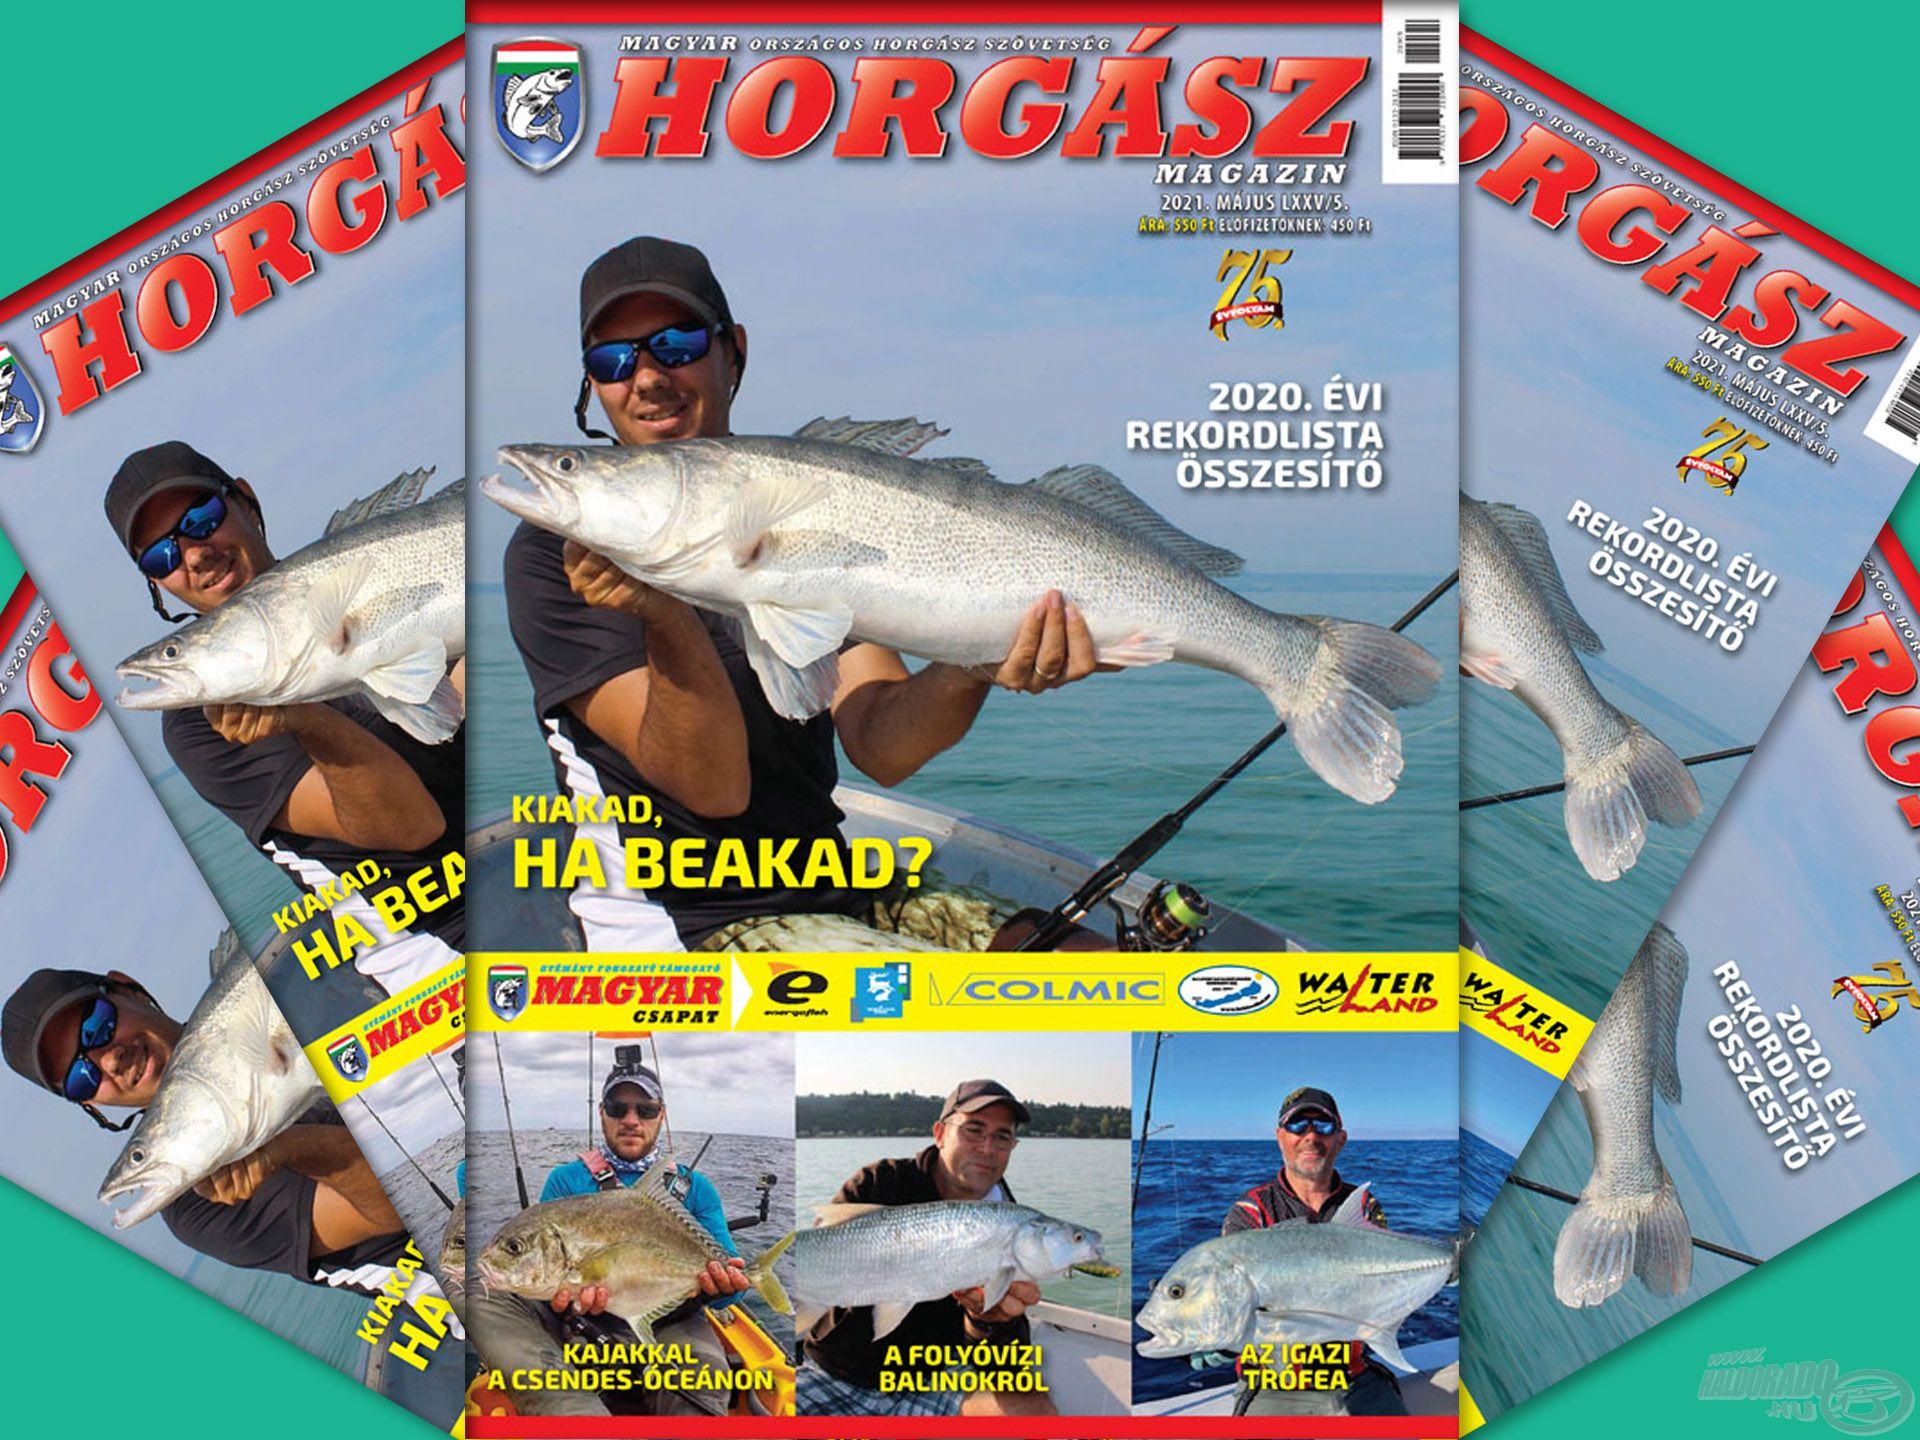 Megjelent a Magyar Horgász 2021. májusi száma